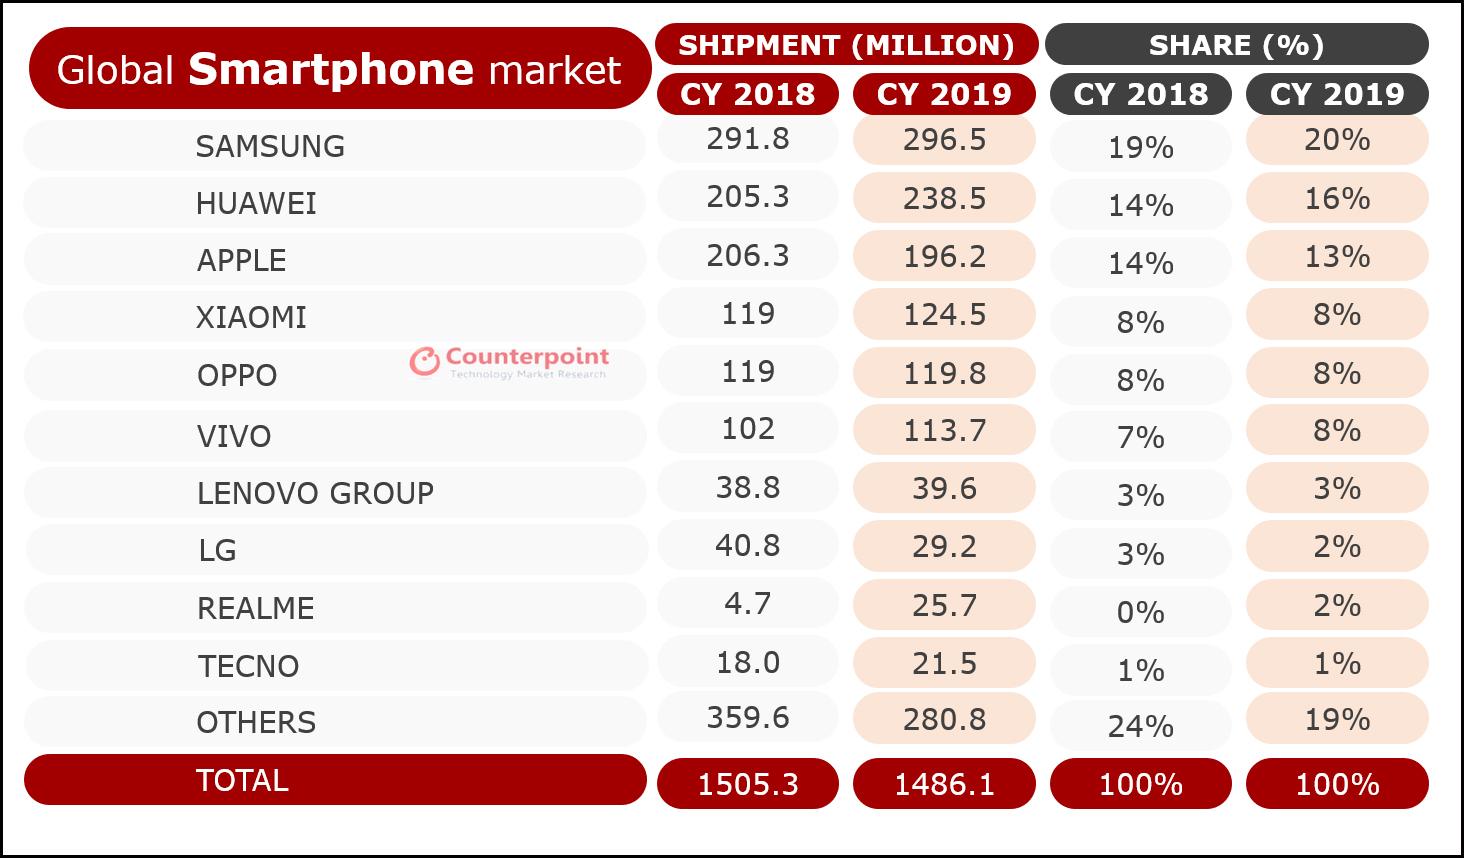 جدول فروش شرکتهای مختلف در سال ۲۰۱۹، هوآوی با وجود تحریمها بالاتر از اپل ایستاد